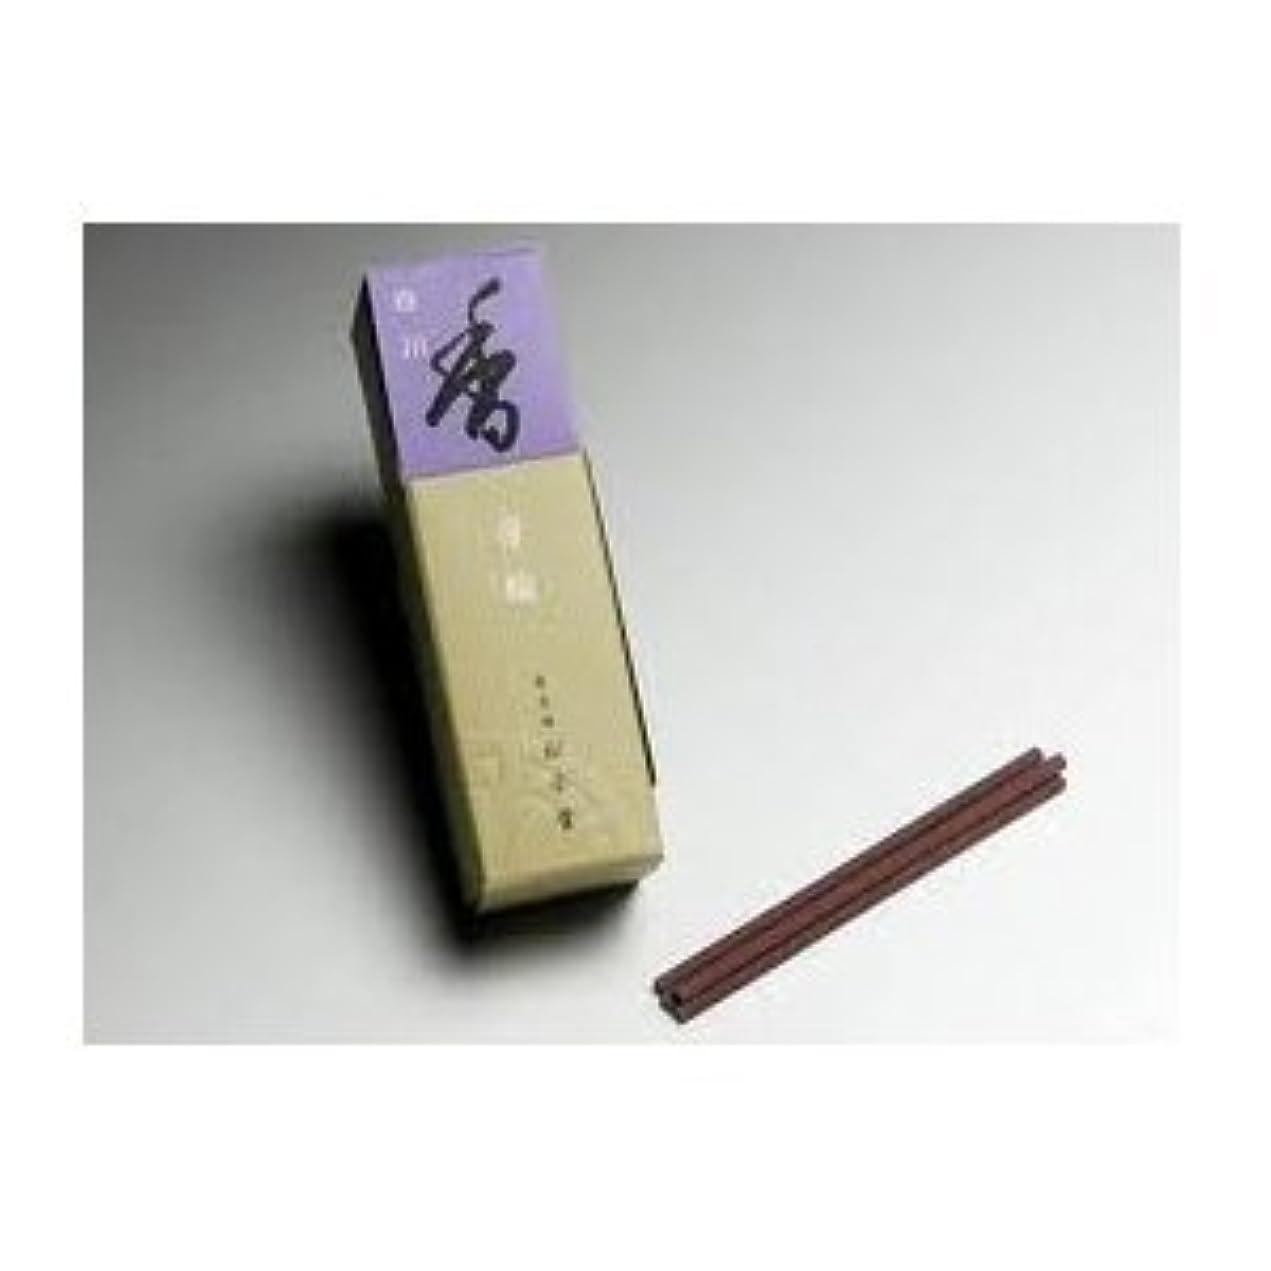 肥料学期改善松栄堂 芳輪 白川 スティック型 20本入